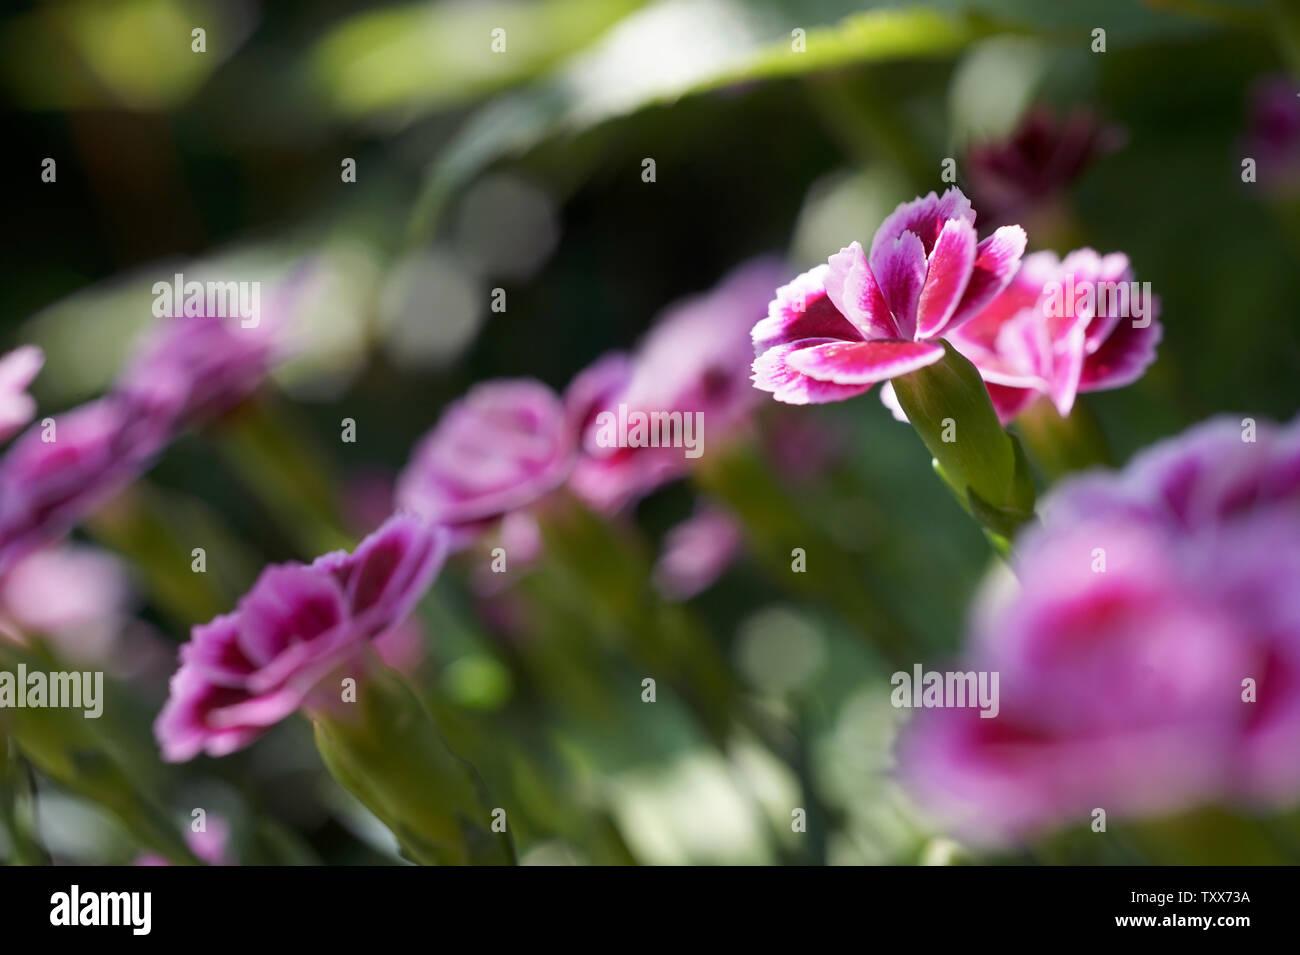 Dianthus barbatus, Sweet William - Stock Image